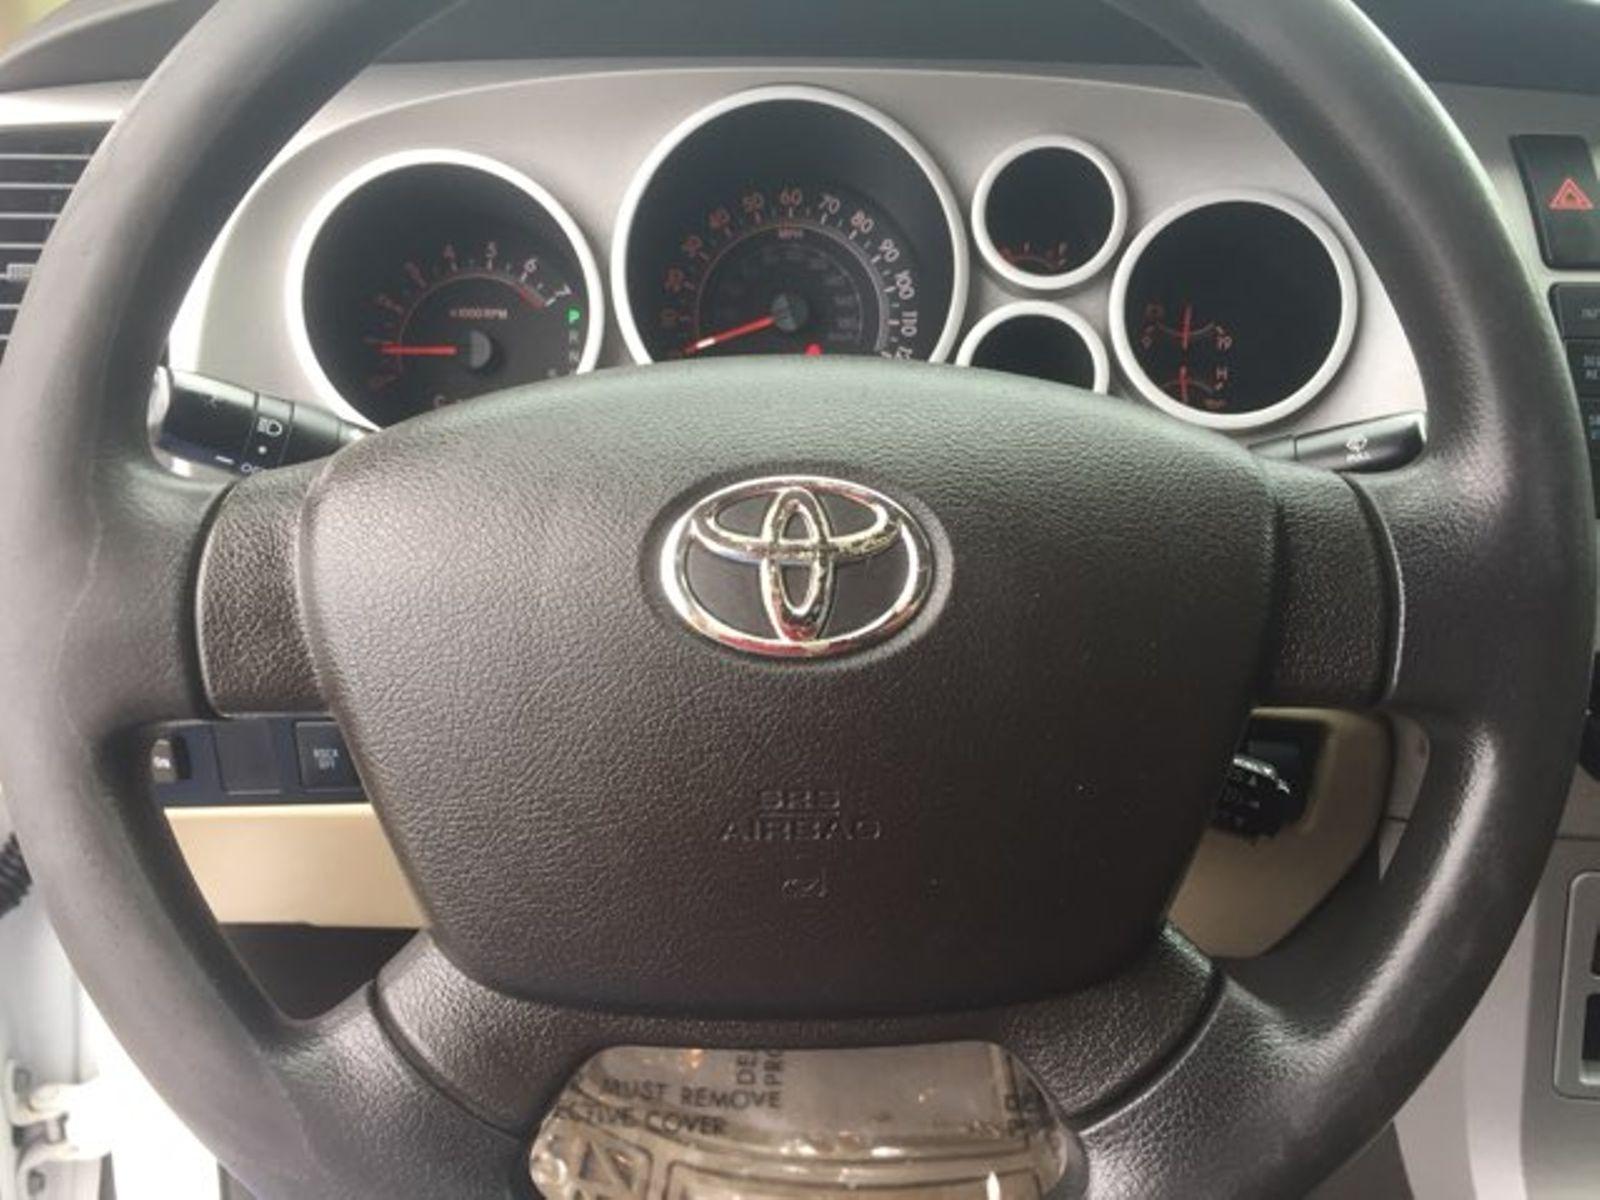 2008 Toyota Tundra Sr5 Trailer Wiring Harness Removal In Bossier City La